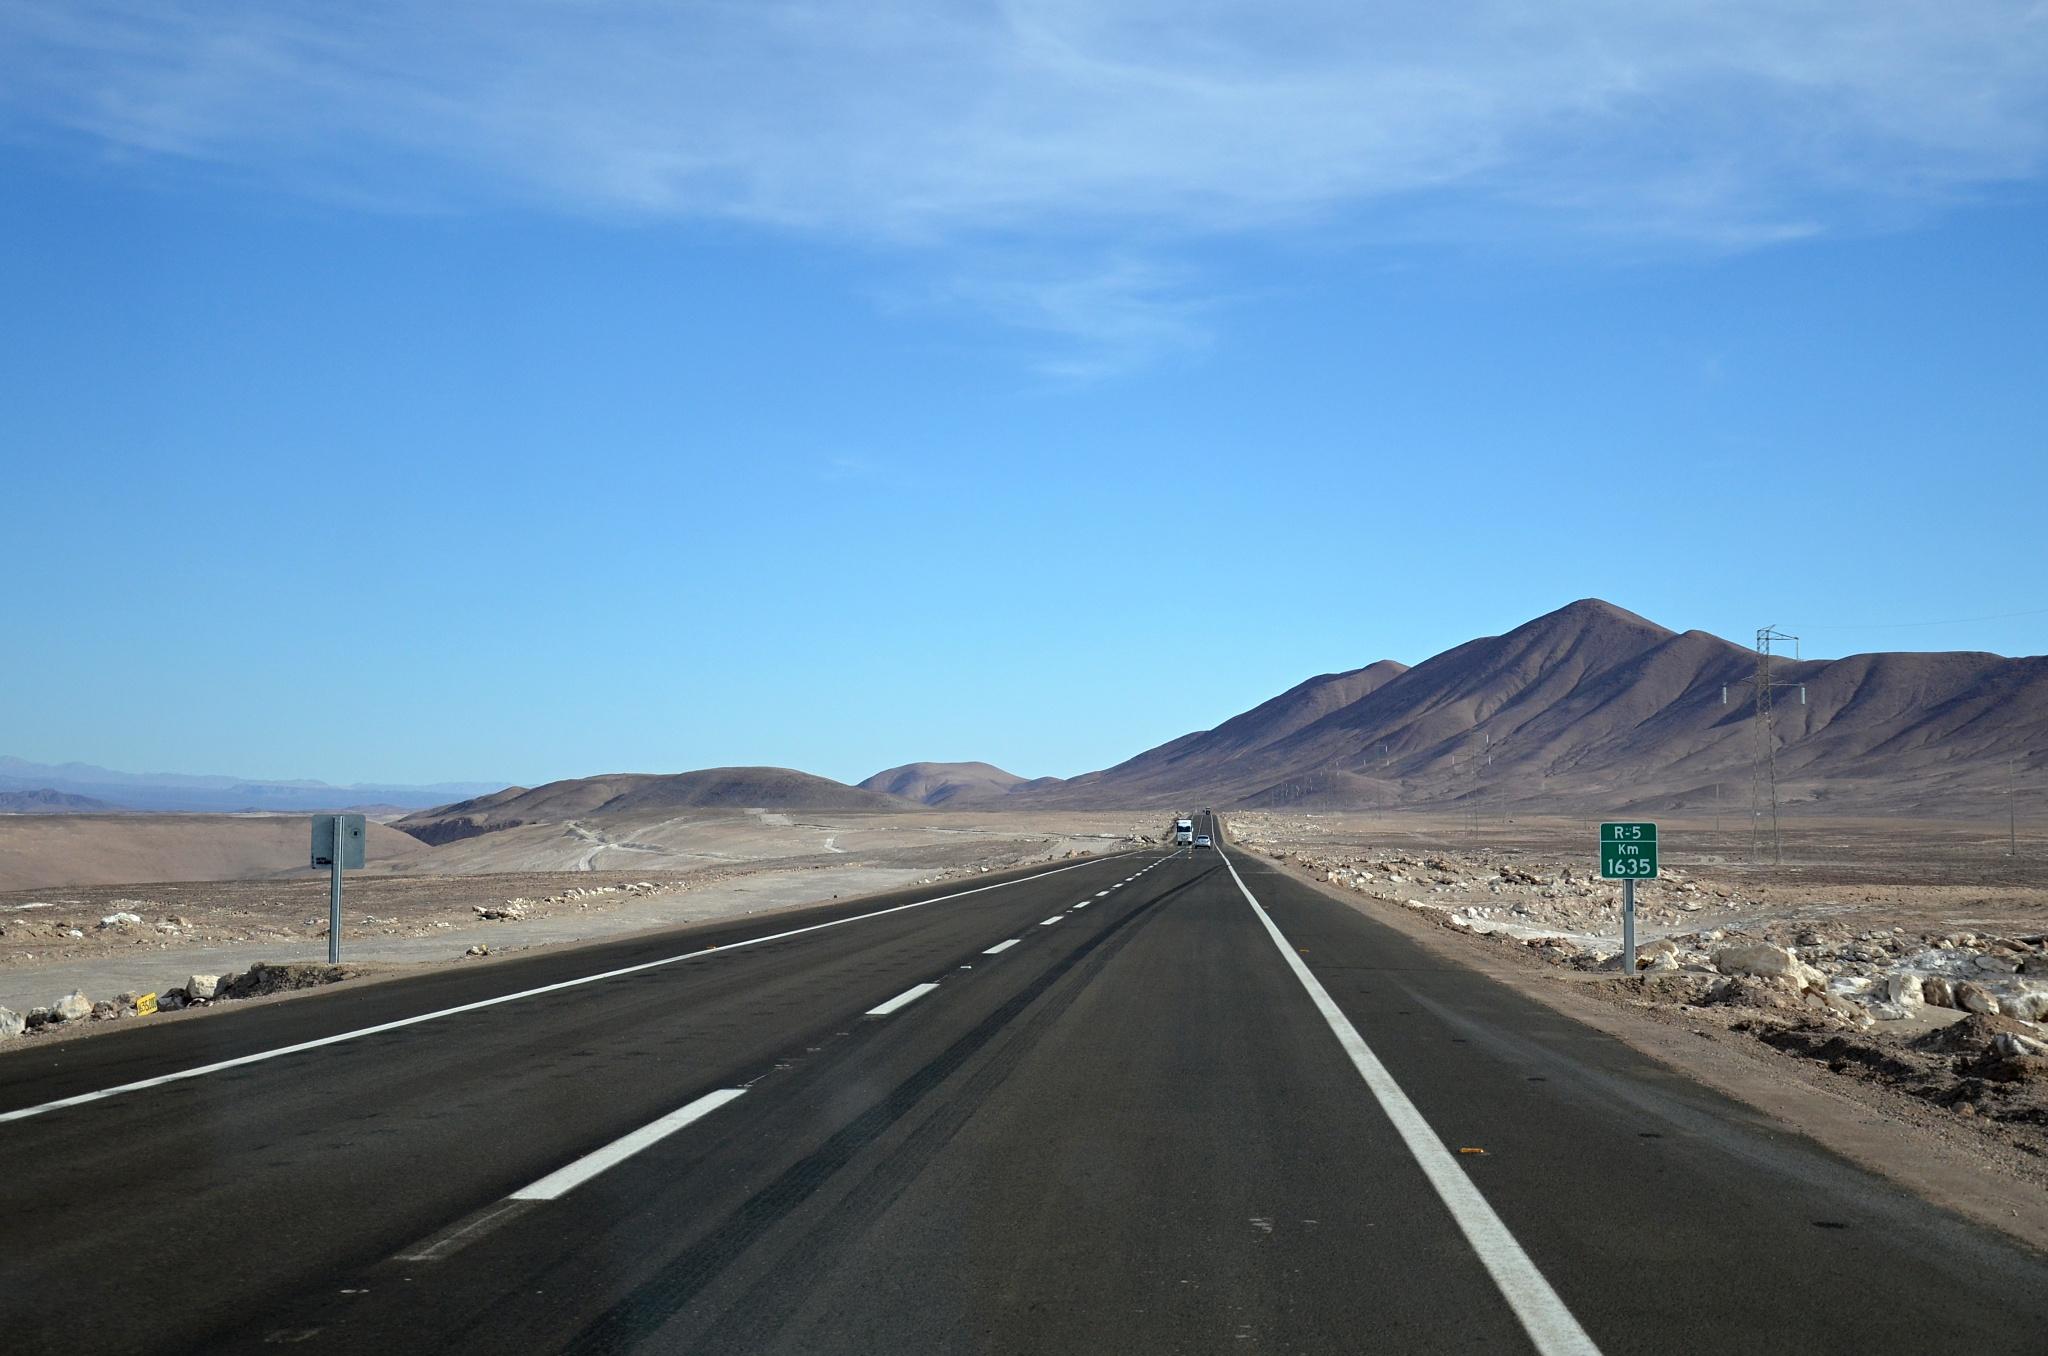 Cesta pouští, samá zatáčka